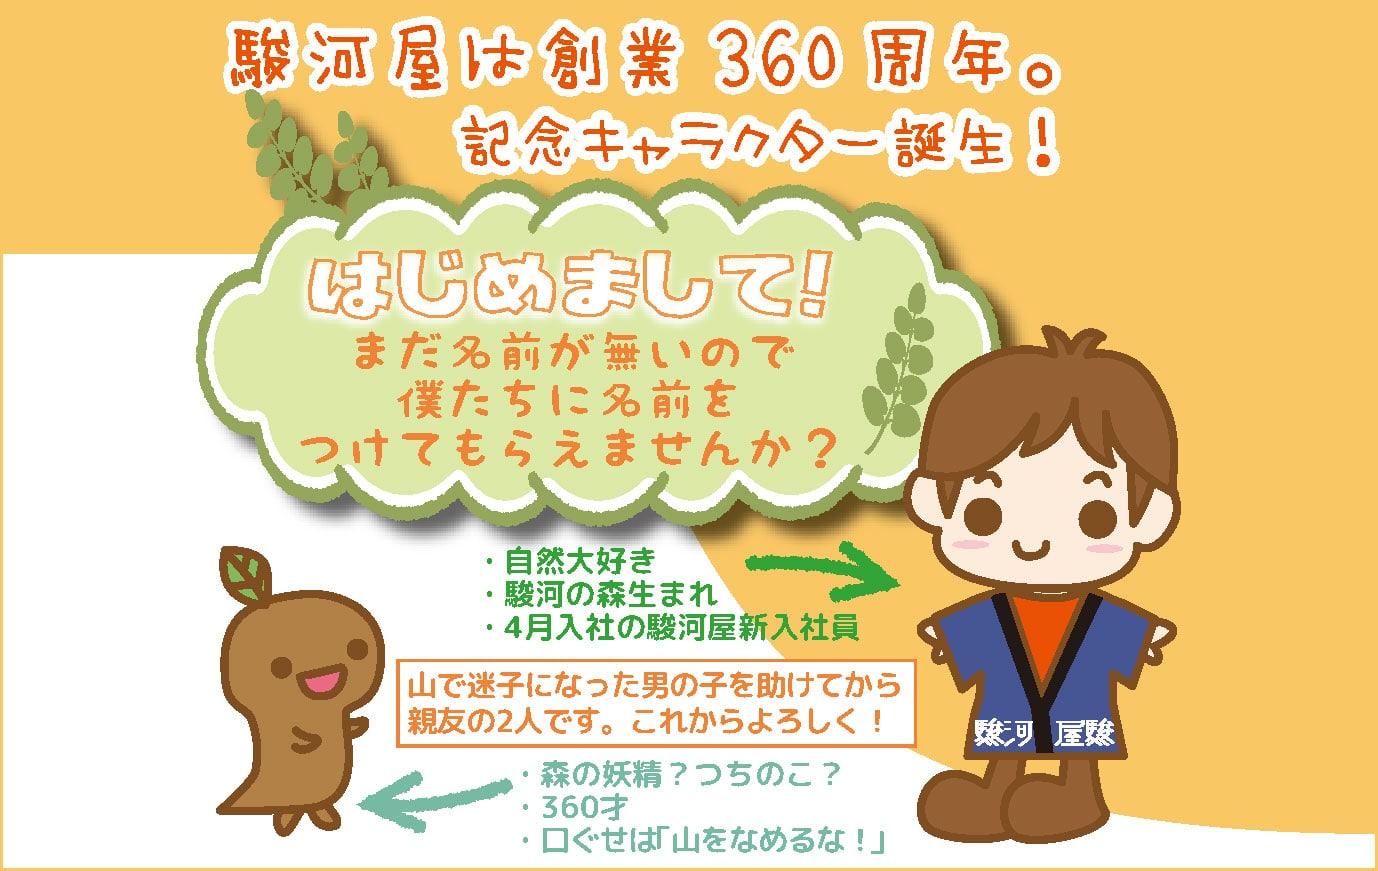 駿河屋創業360周年記念キャラクター 名前大募集